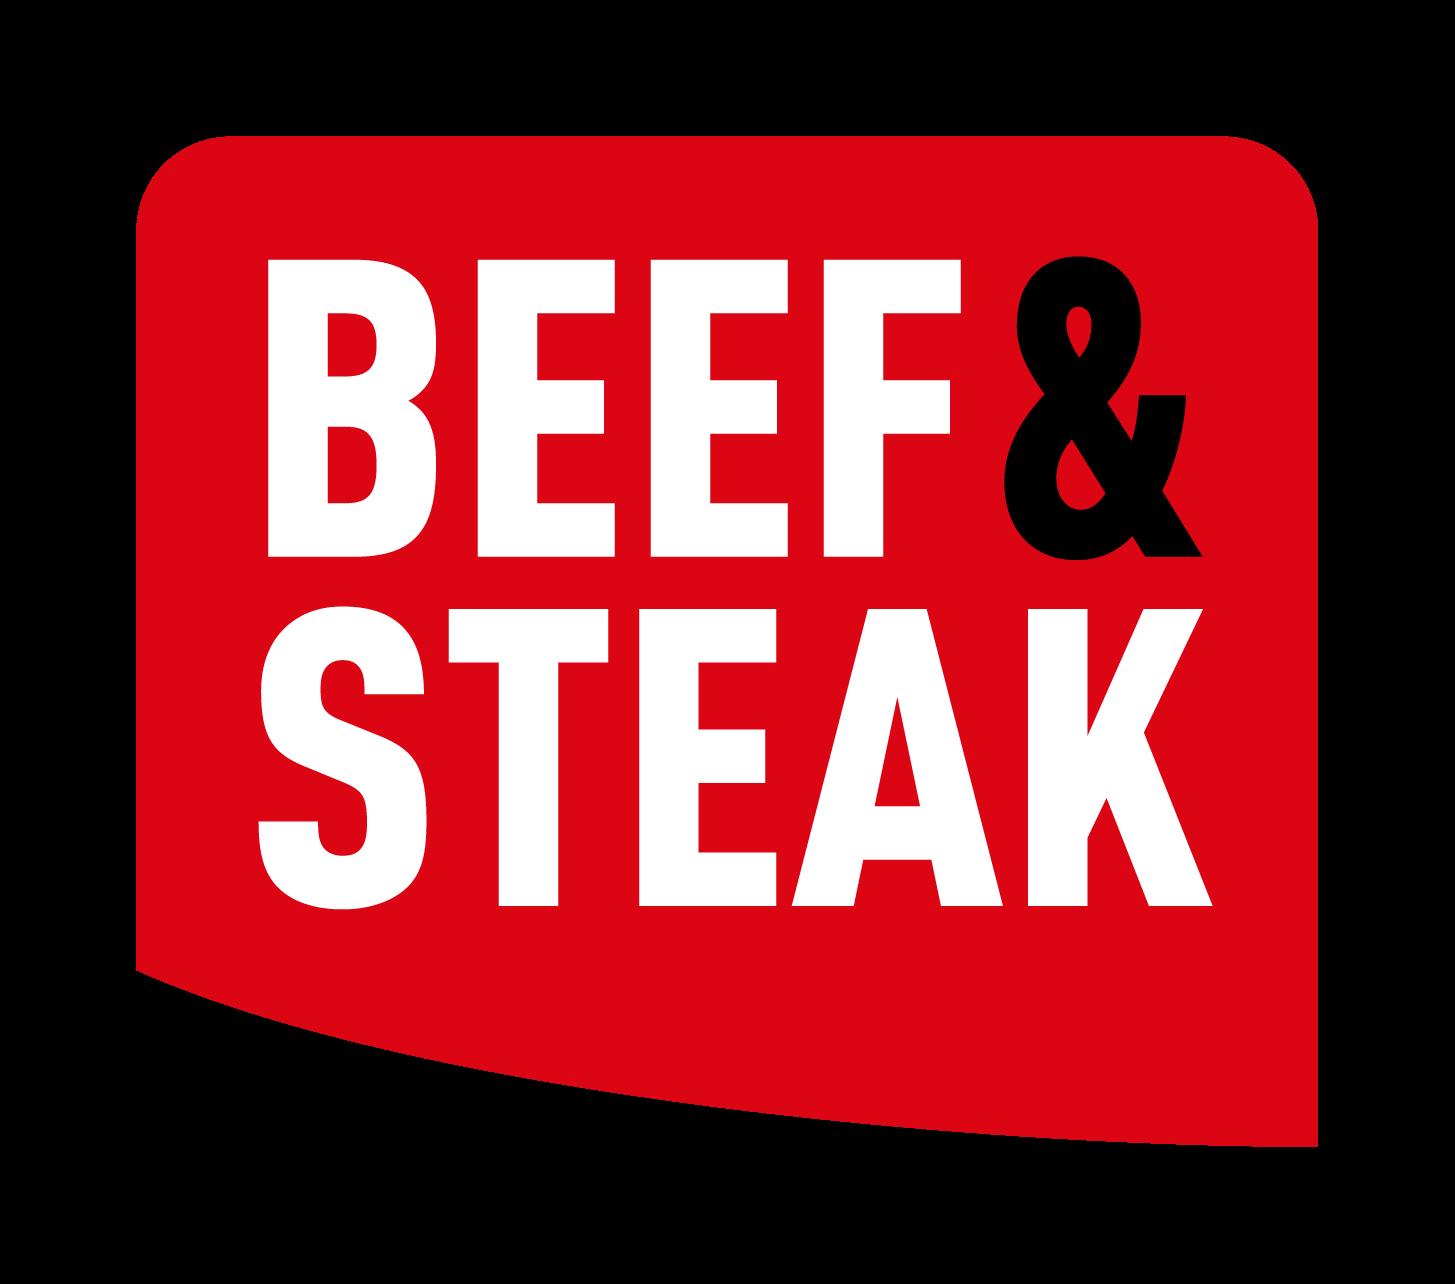 ierse-sherwood-rib-roast-3-ribs